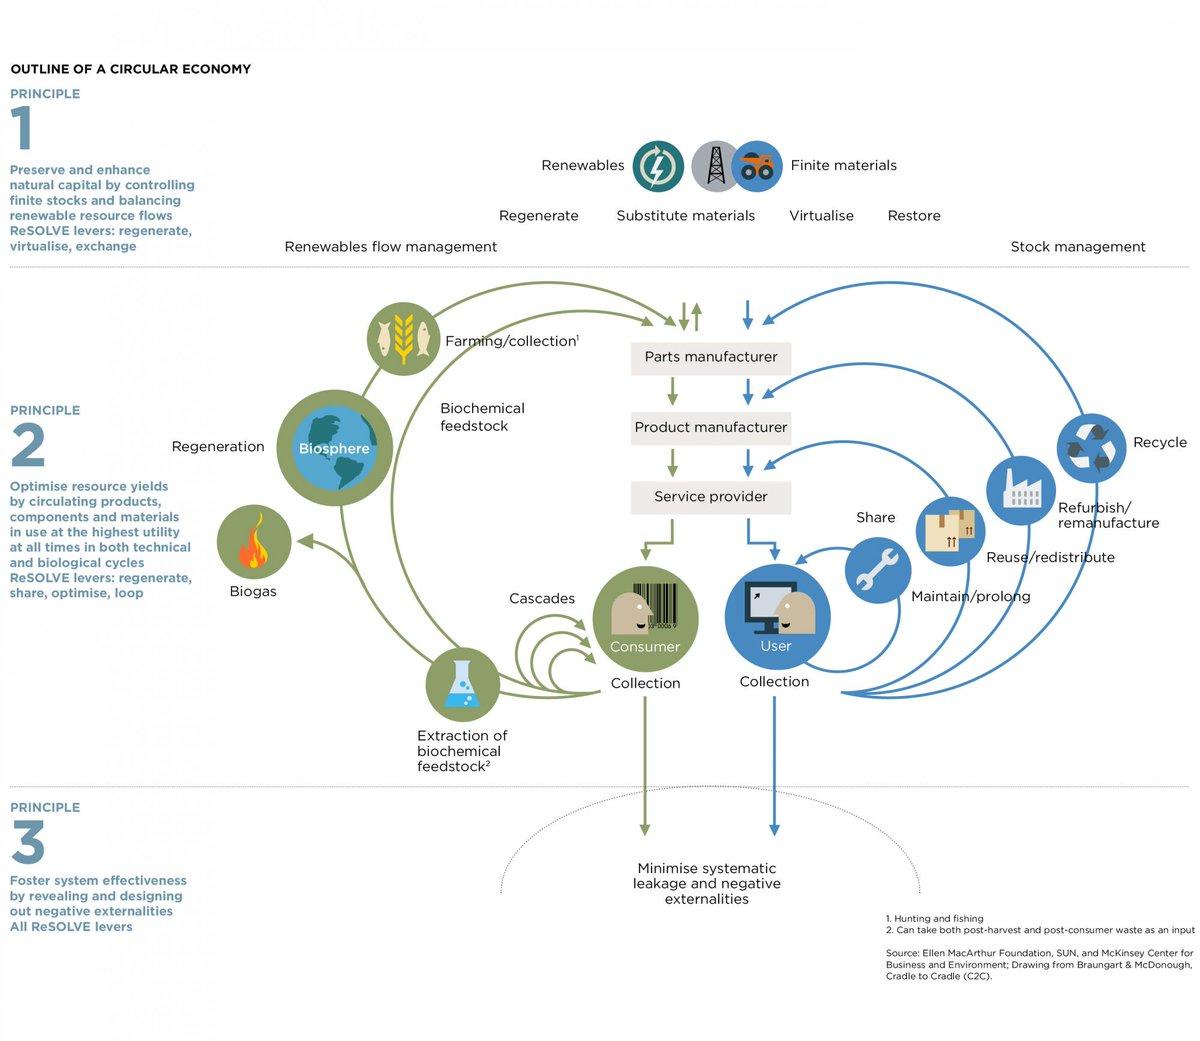 Melanie K Melaniekovach Twitter Industrial Wiring Diagram Installation Free Download